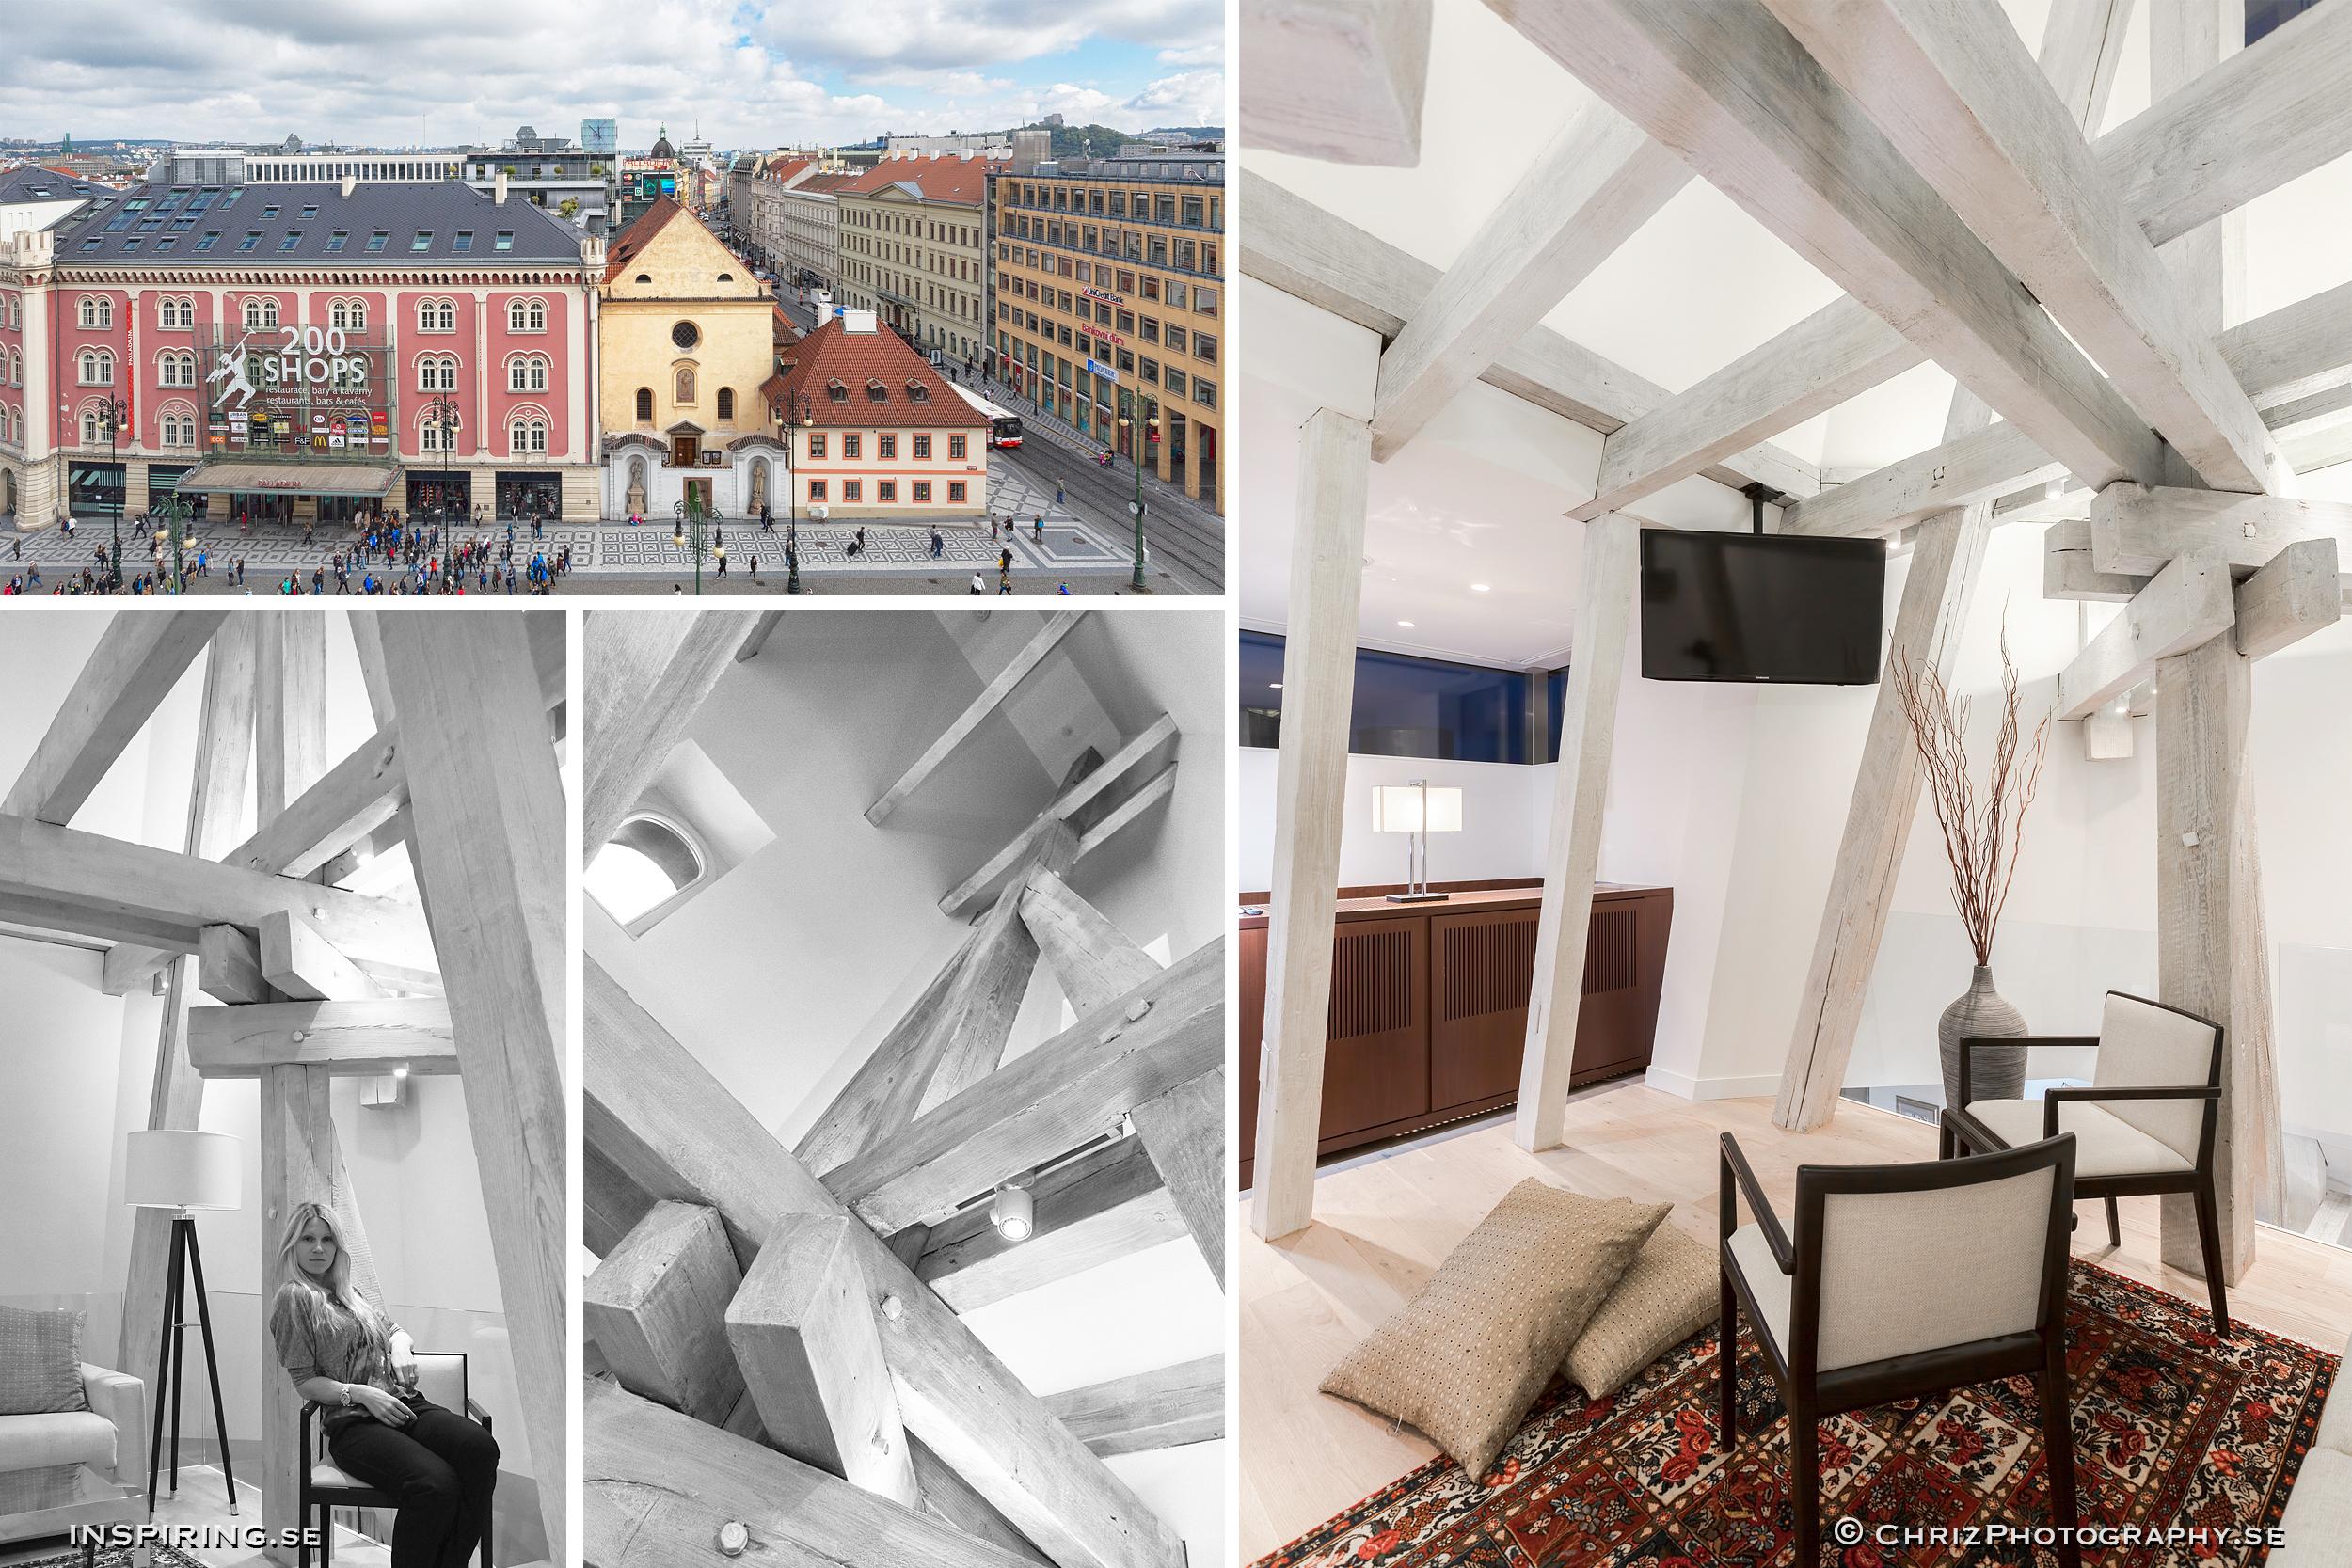 HotelKingsCourt_Inspiring.se_copyright_ChrizPhotography.se_6.jpg